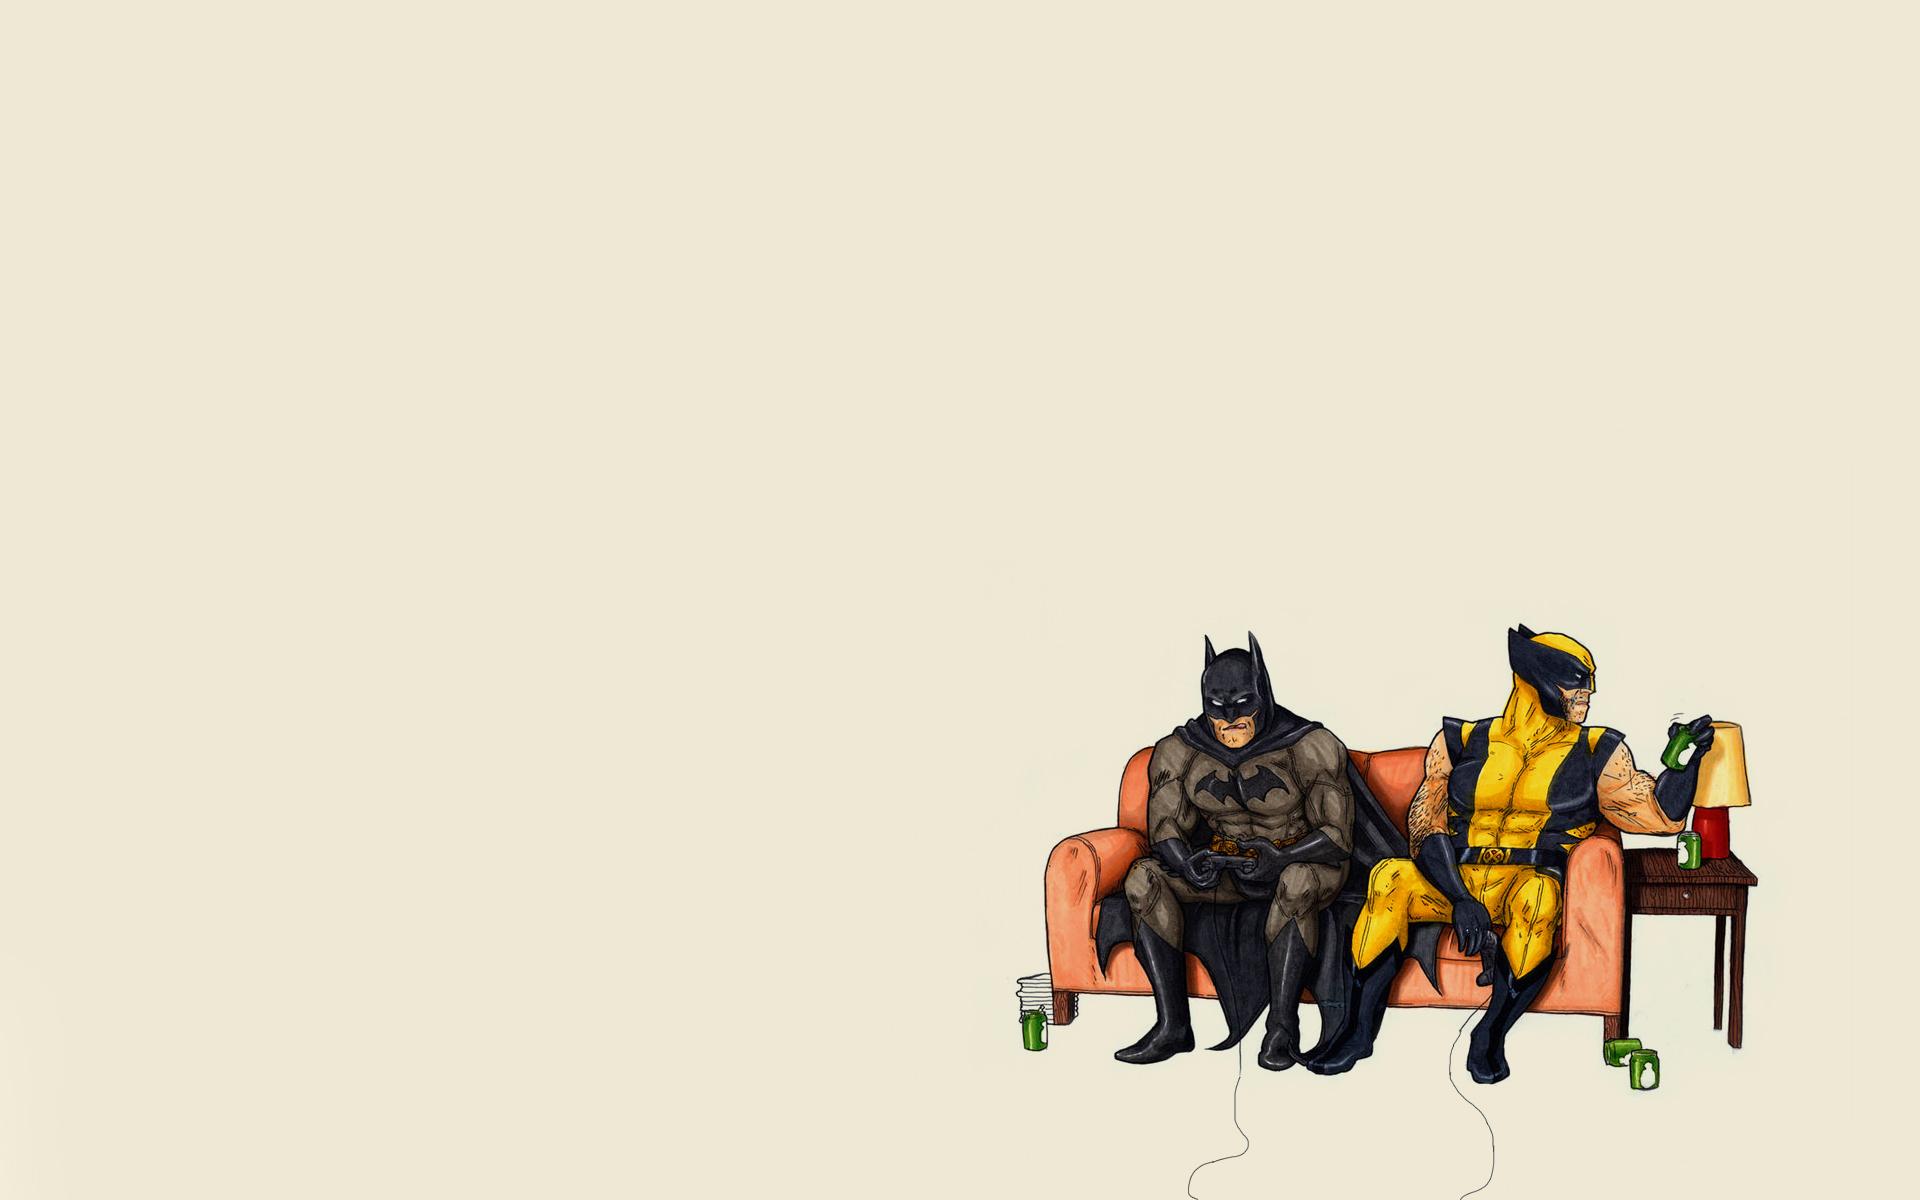 Поздравление открытка, картинки бэтмен за столом смешное